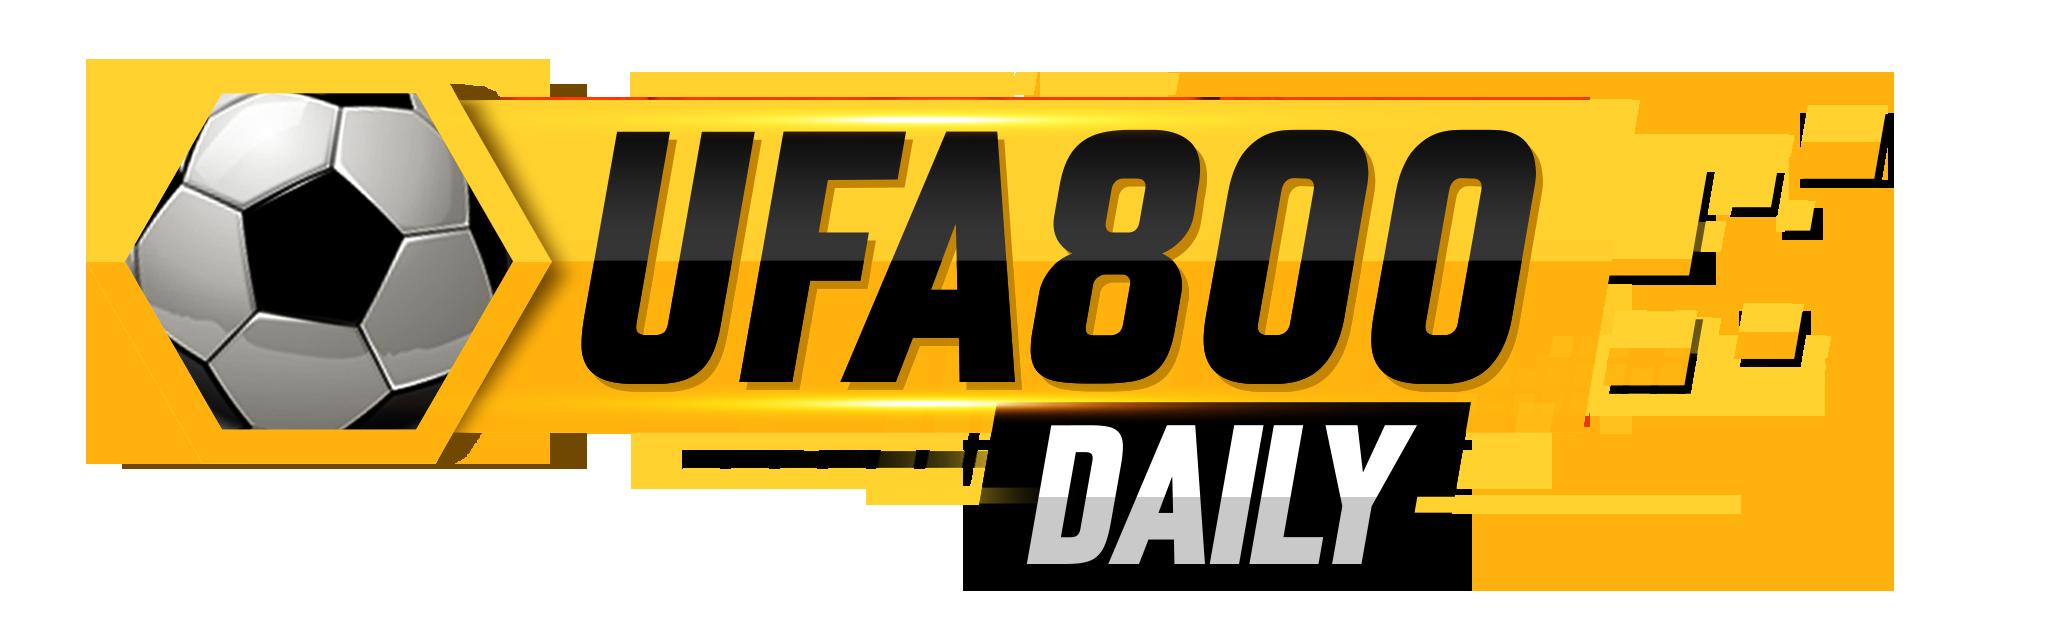 ข่าวฟุตบอล ufa800daily